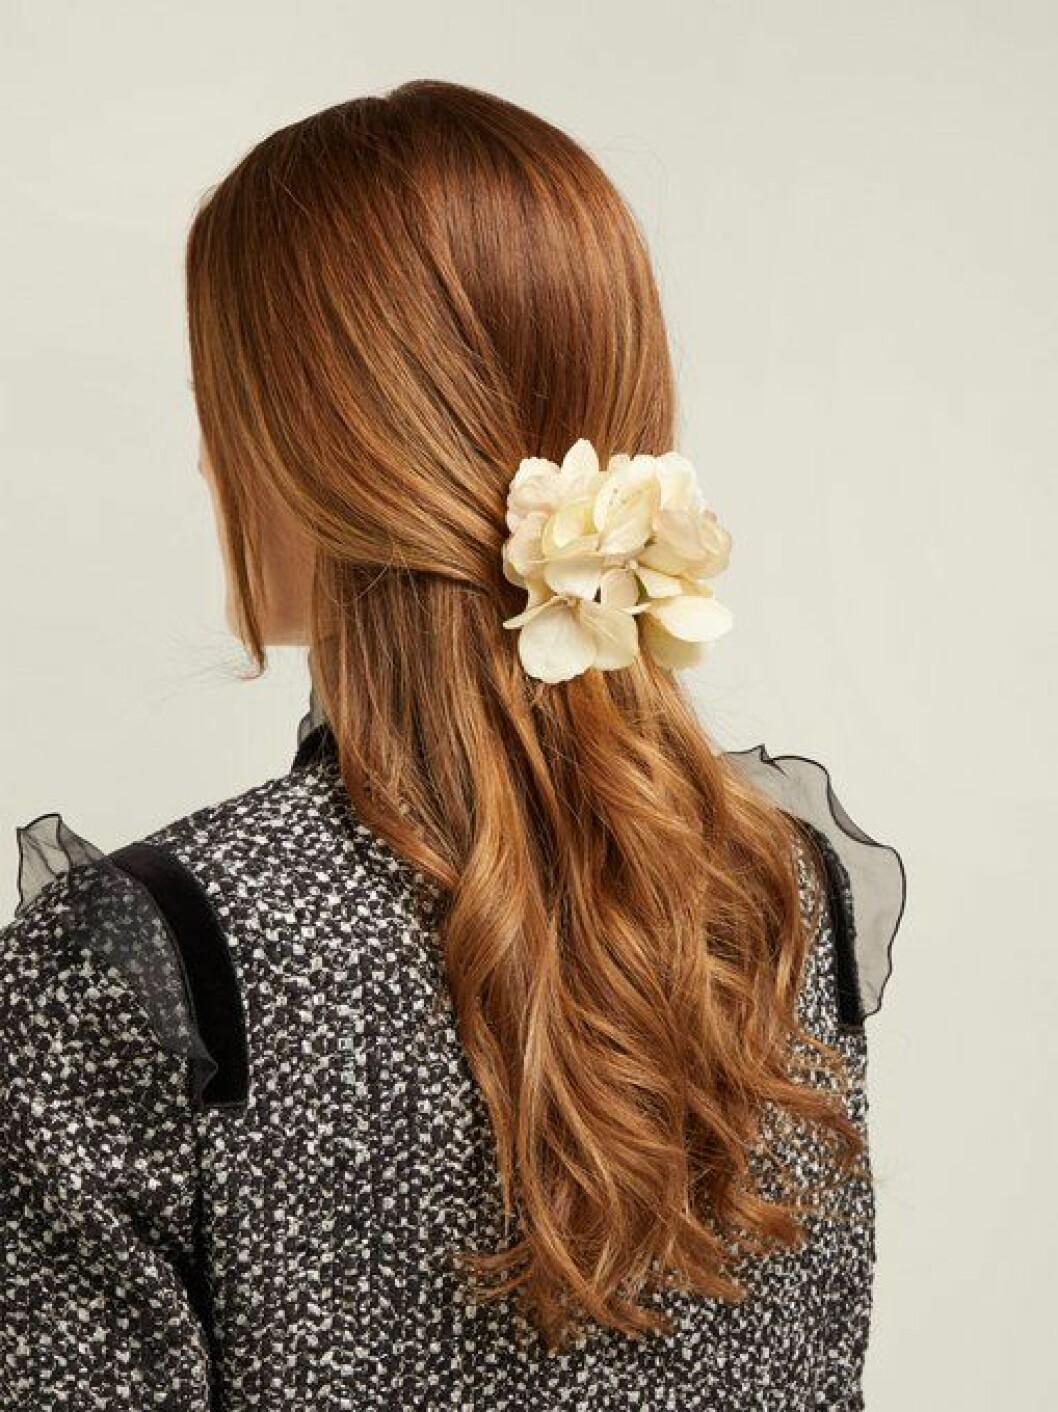 En bild på ett hårspänne i form av en hortensia från Philippa Craddocks nya kollektion på Matchesfashion.com.